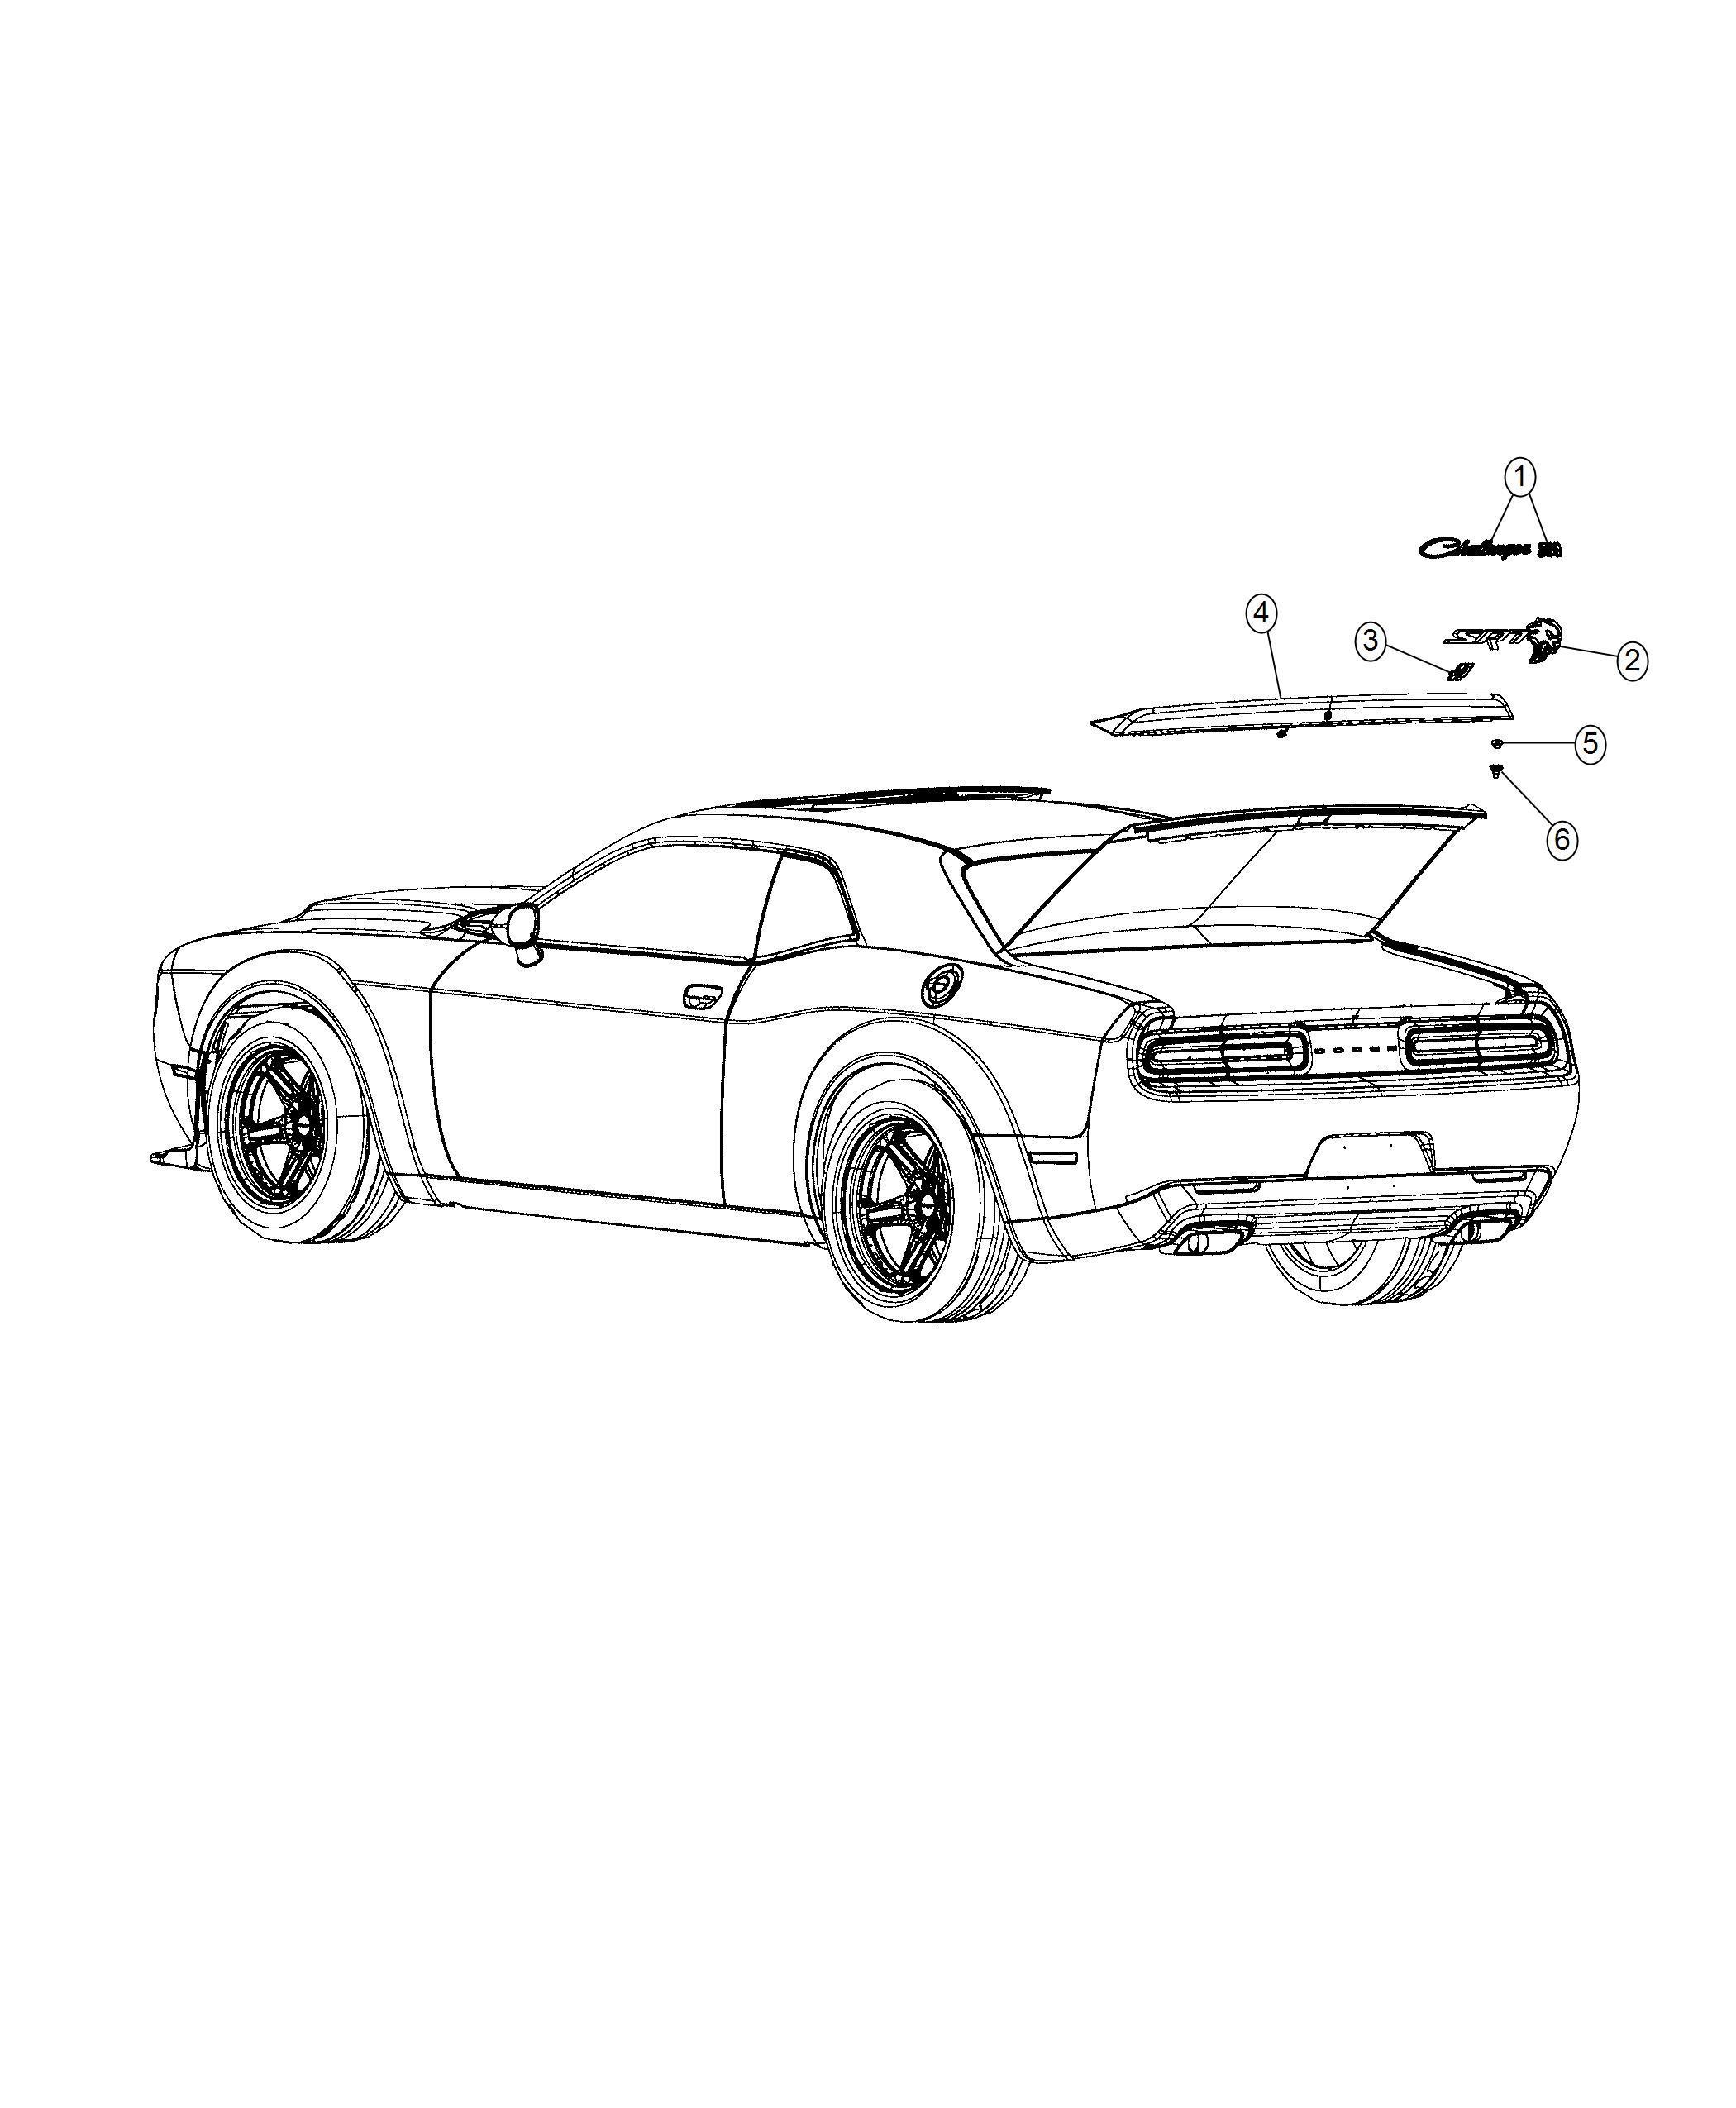 Dodge Challenger Nameplate. Srt hellcat. [rear spoiler